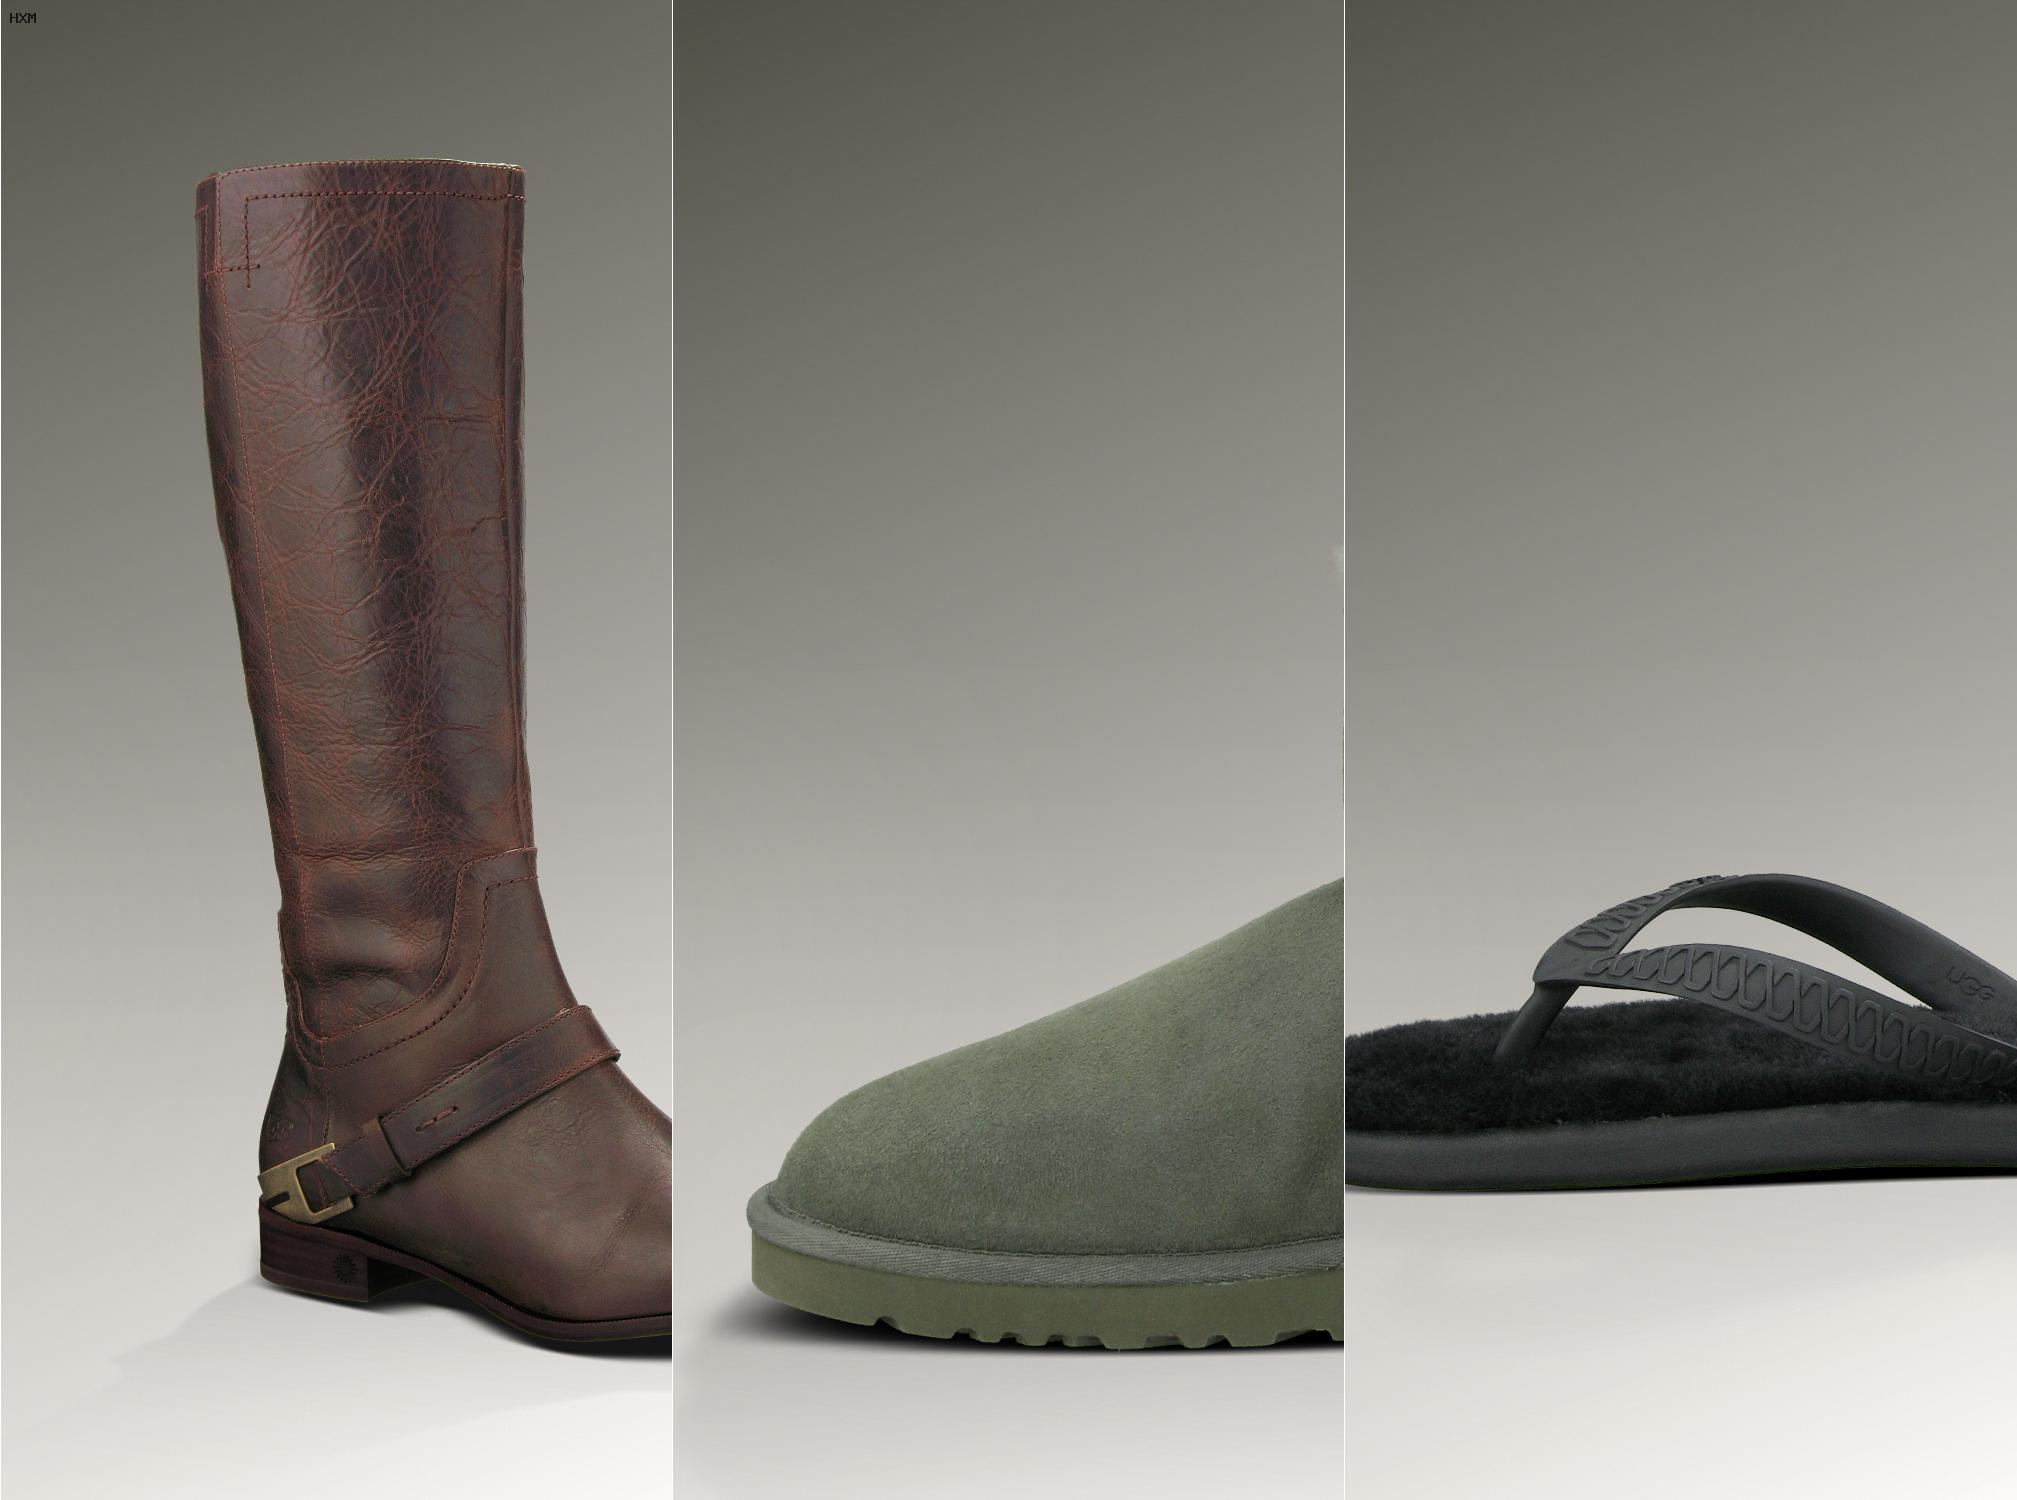 dove vendono gli stivali ugg a roma